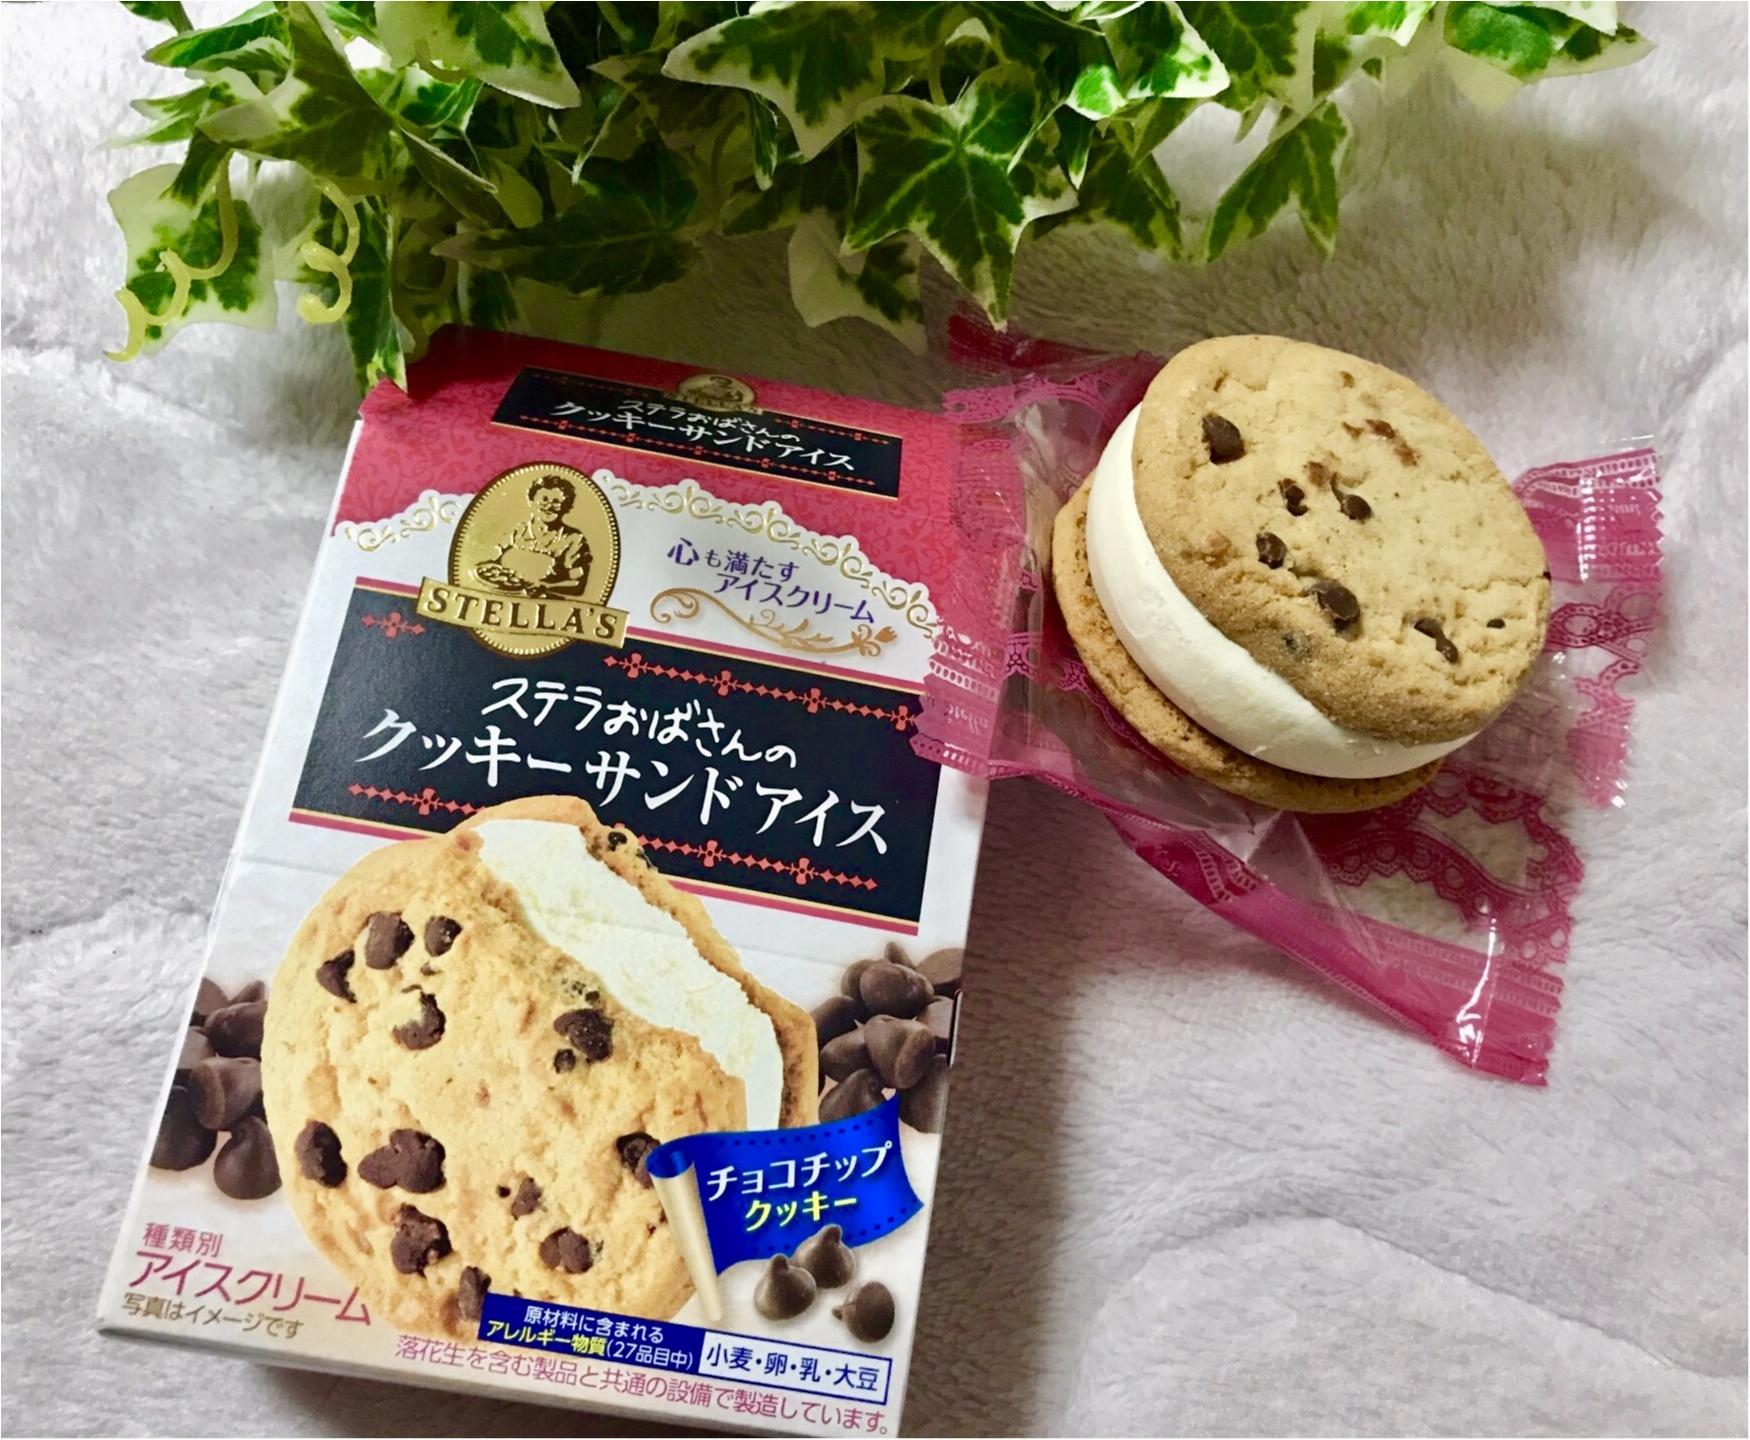 【コンビニ限定】見つけたら即買い!《ステラおばさんのクッキー》がアイスになっちゃいました♡♡_1